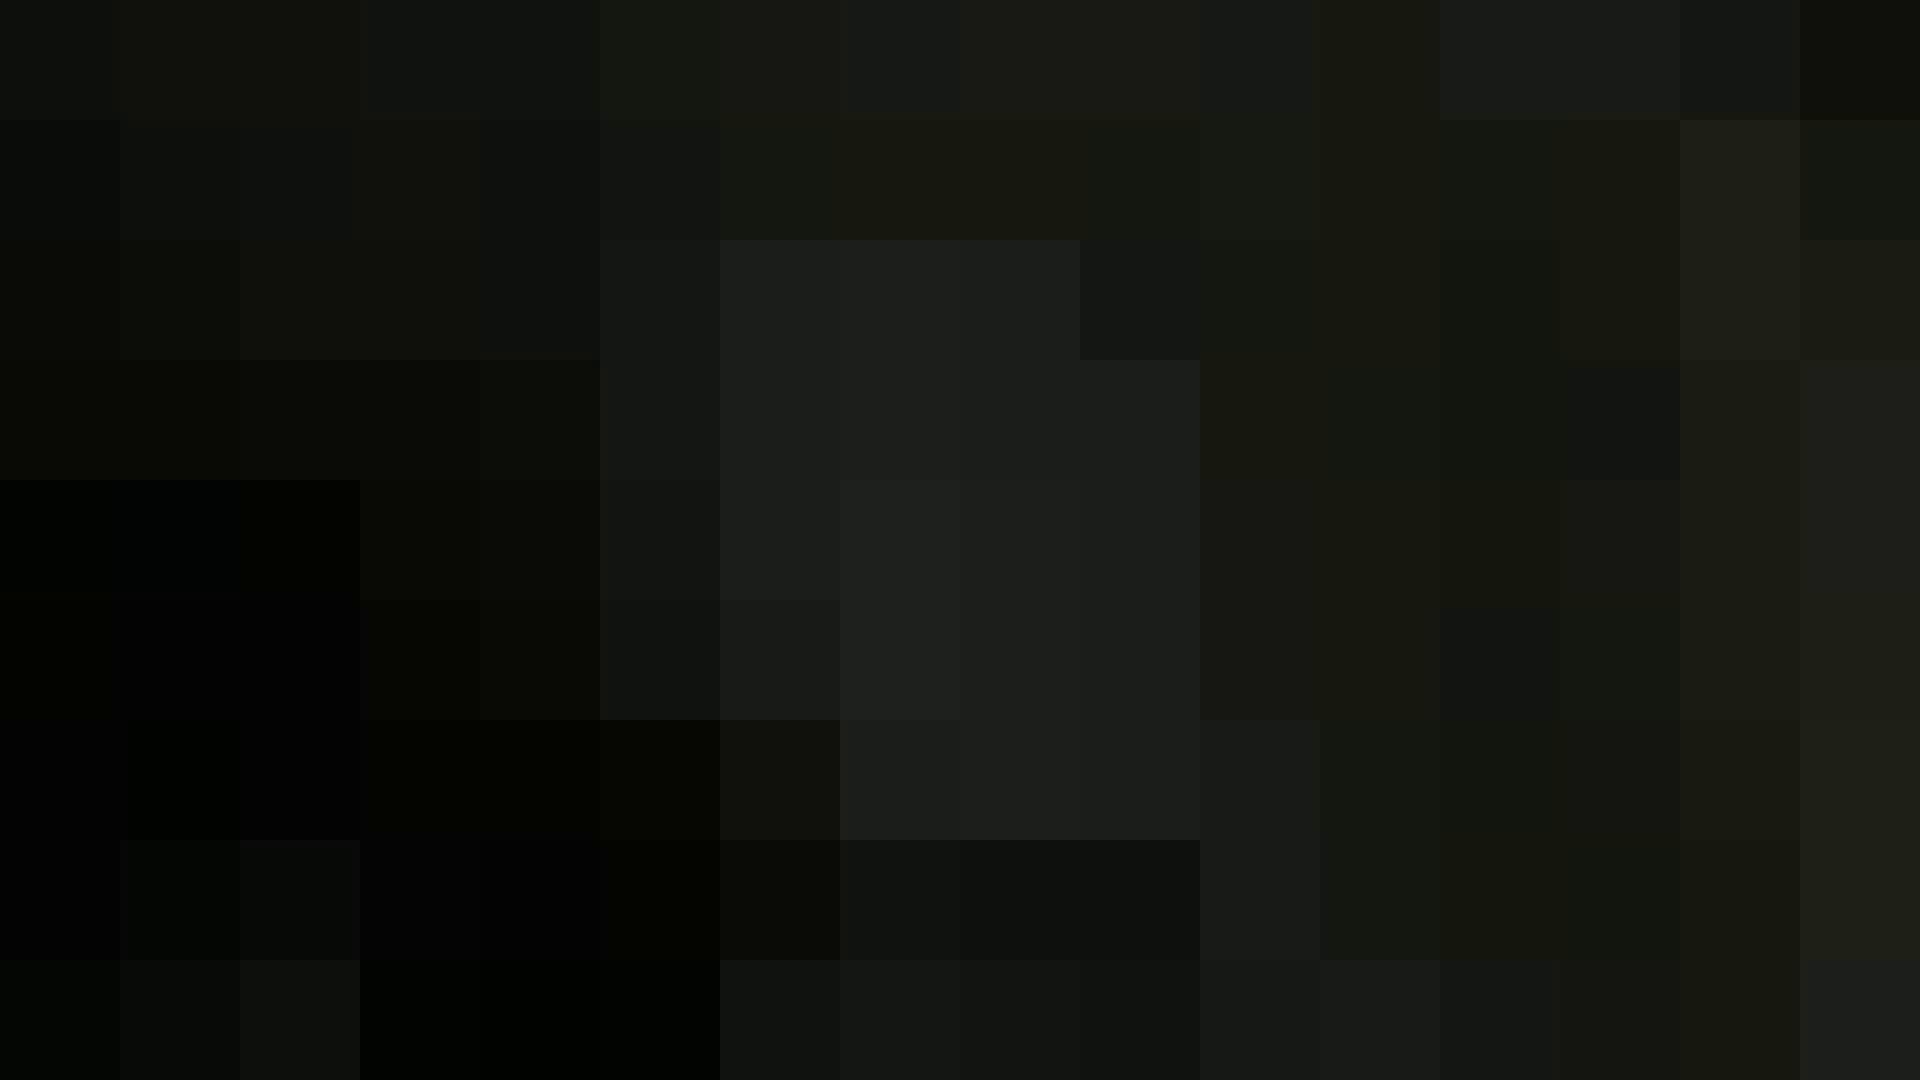 【美しき個室な世界】 vol.025 メガネ属性ヾ(´∀`)ノ 洗面所  84画像 12